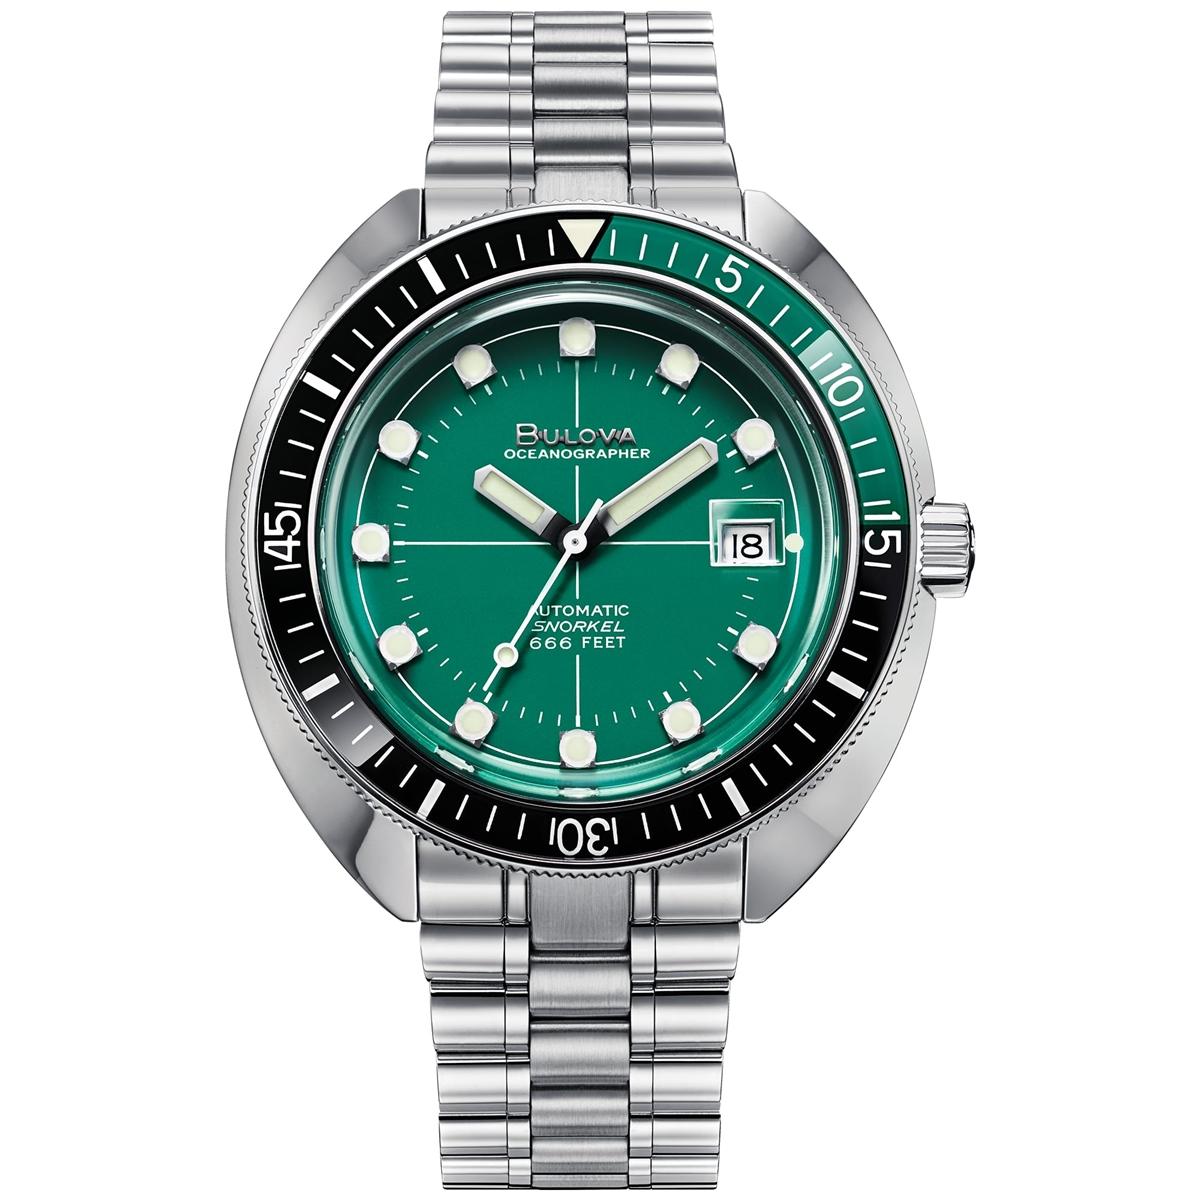 ブローバ BULOVA 96B322 オーシャノグラファー デビルダイバー 正規品 腕時計